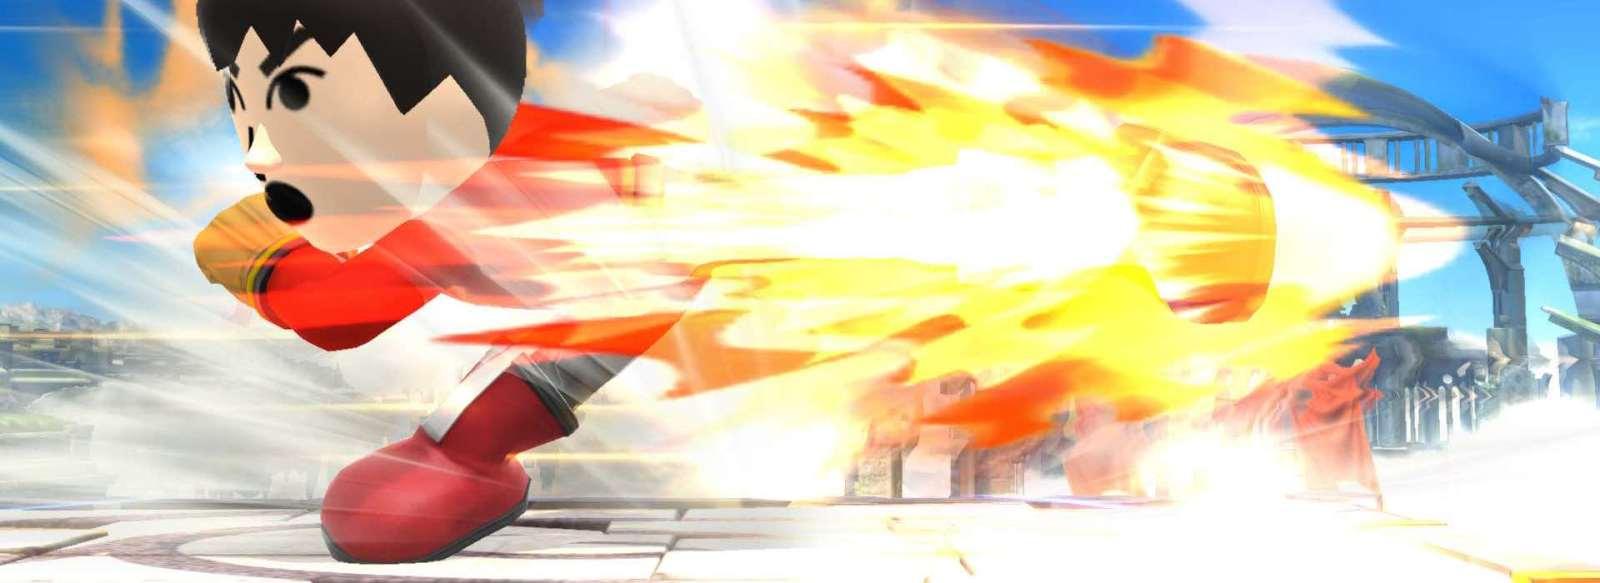 mii-brawler-super-smash-bros-for-wii-u